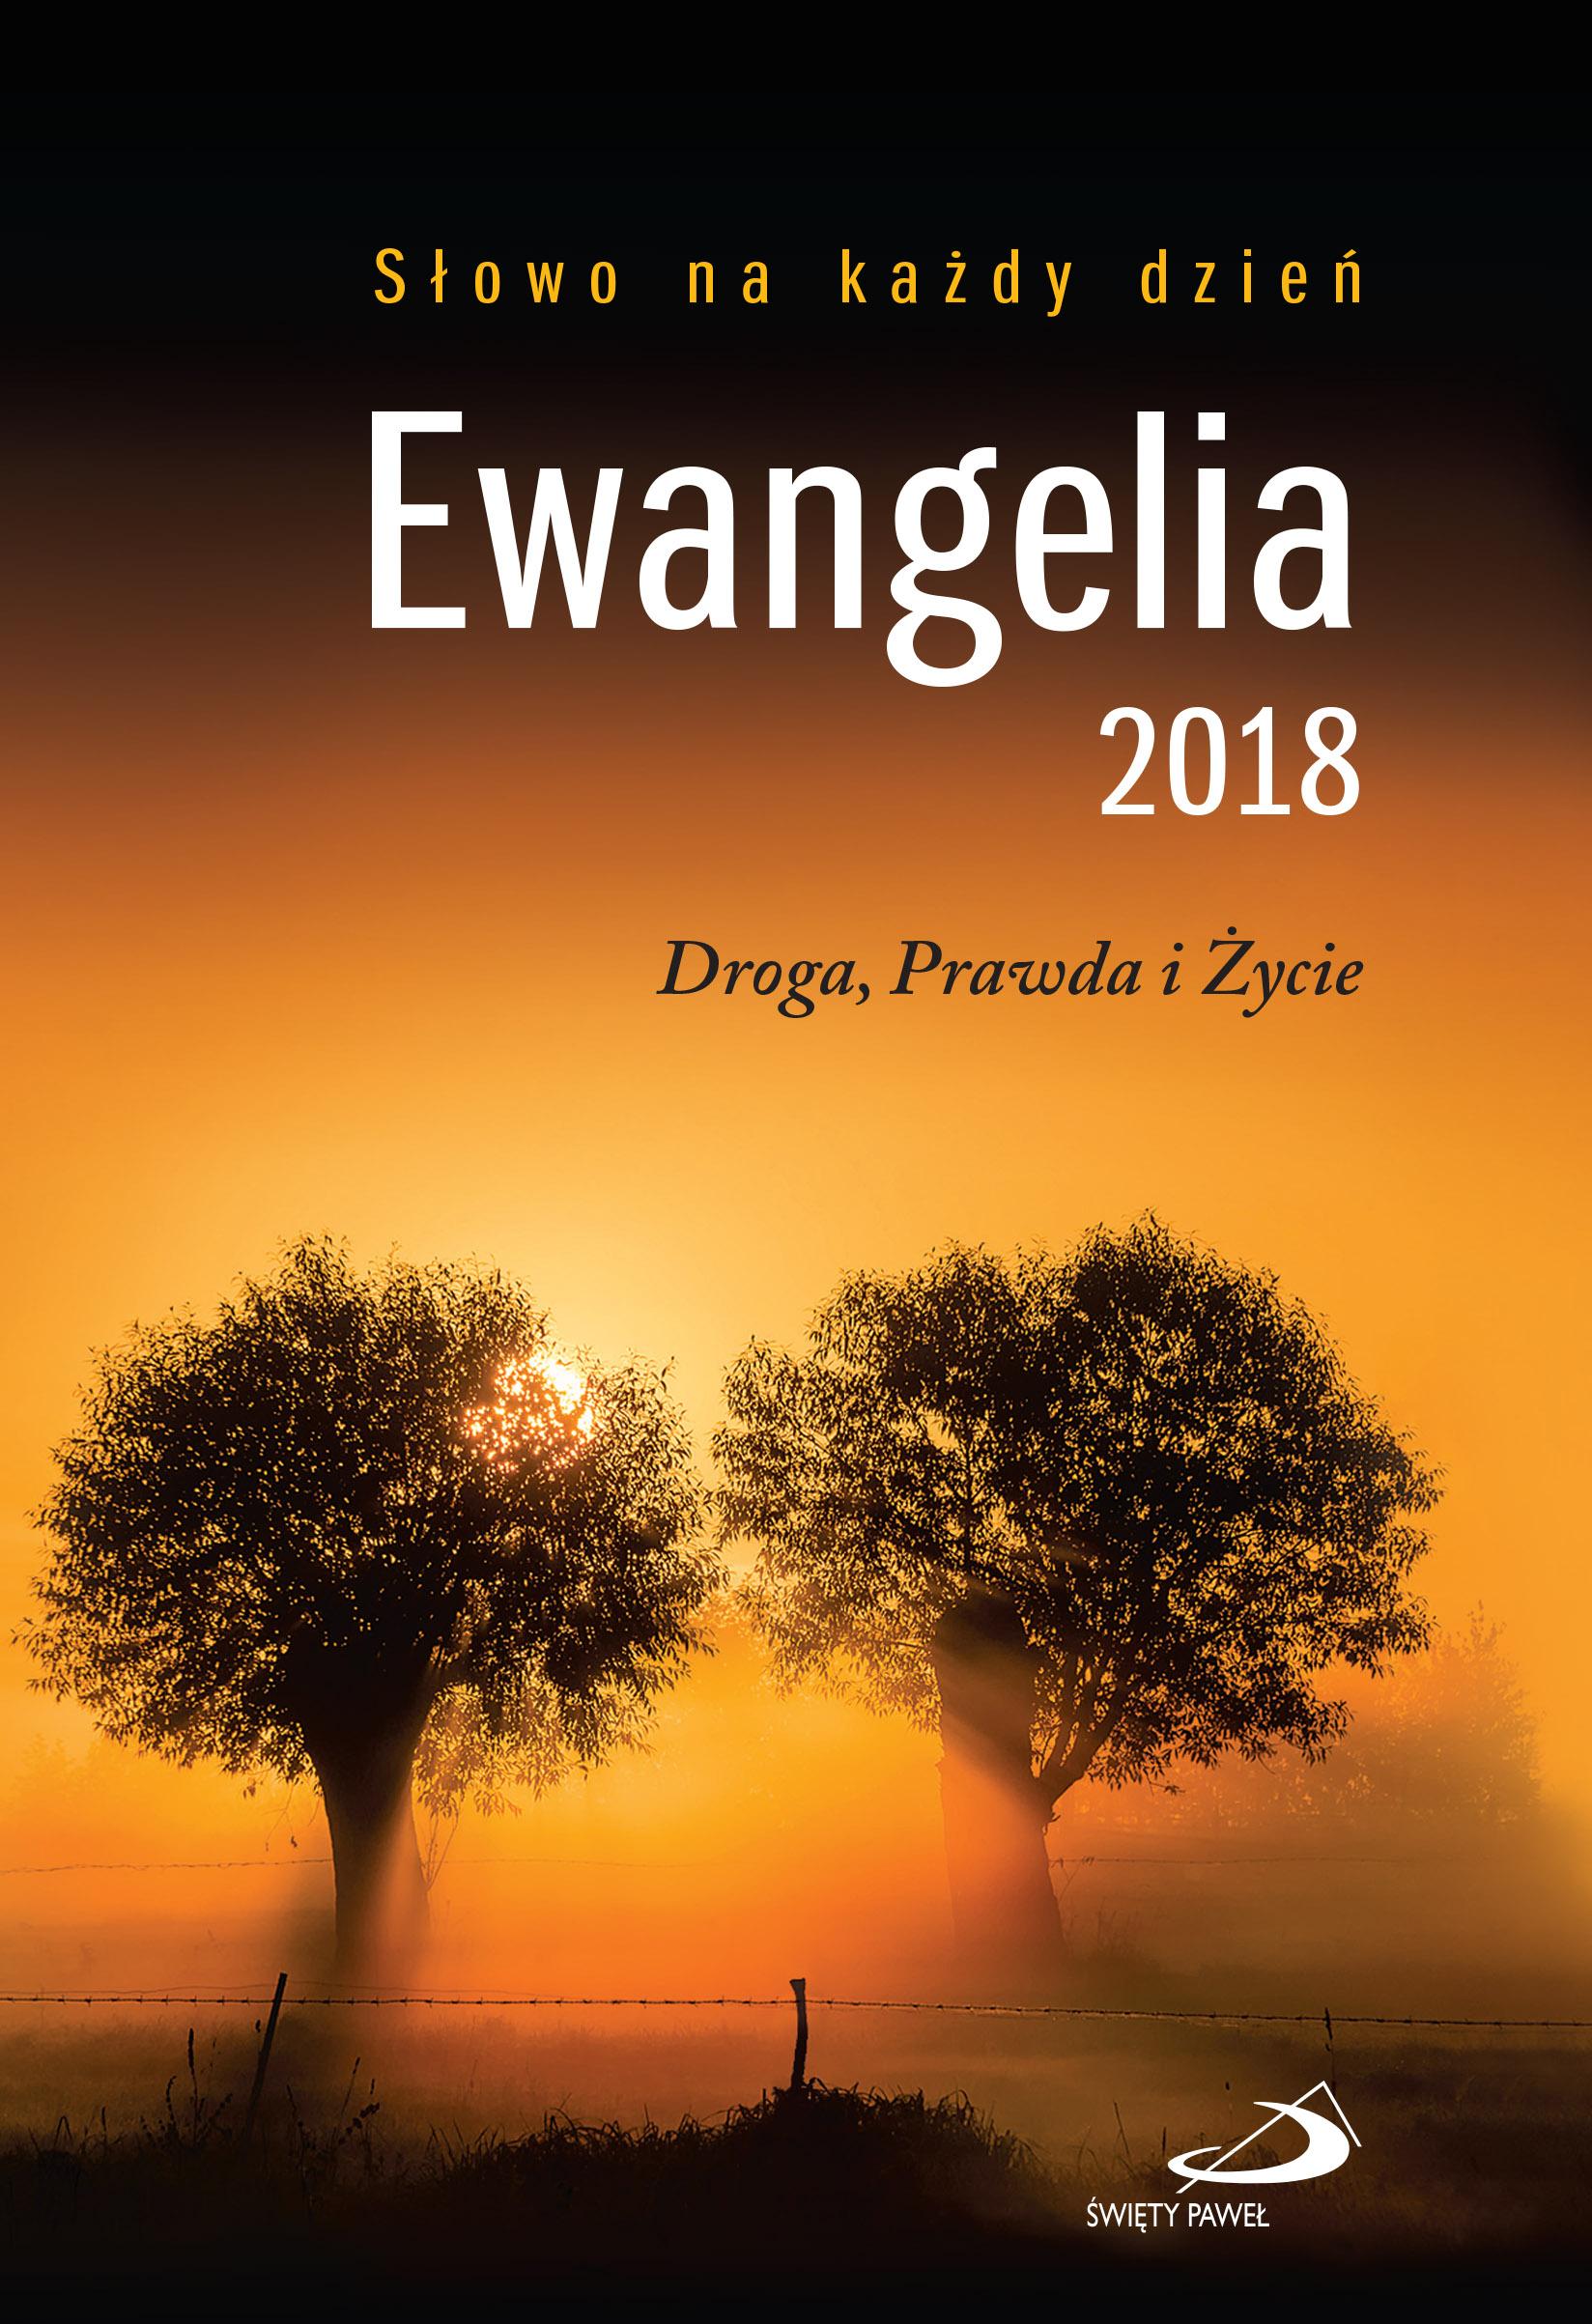 www.edycja.pl